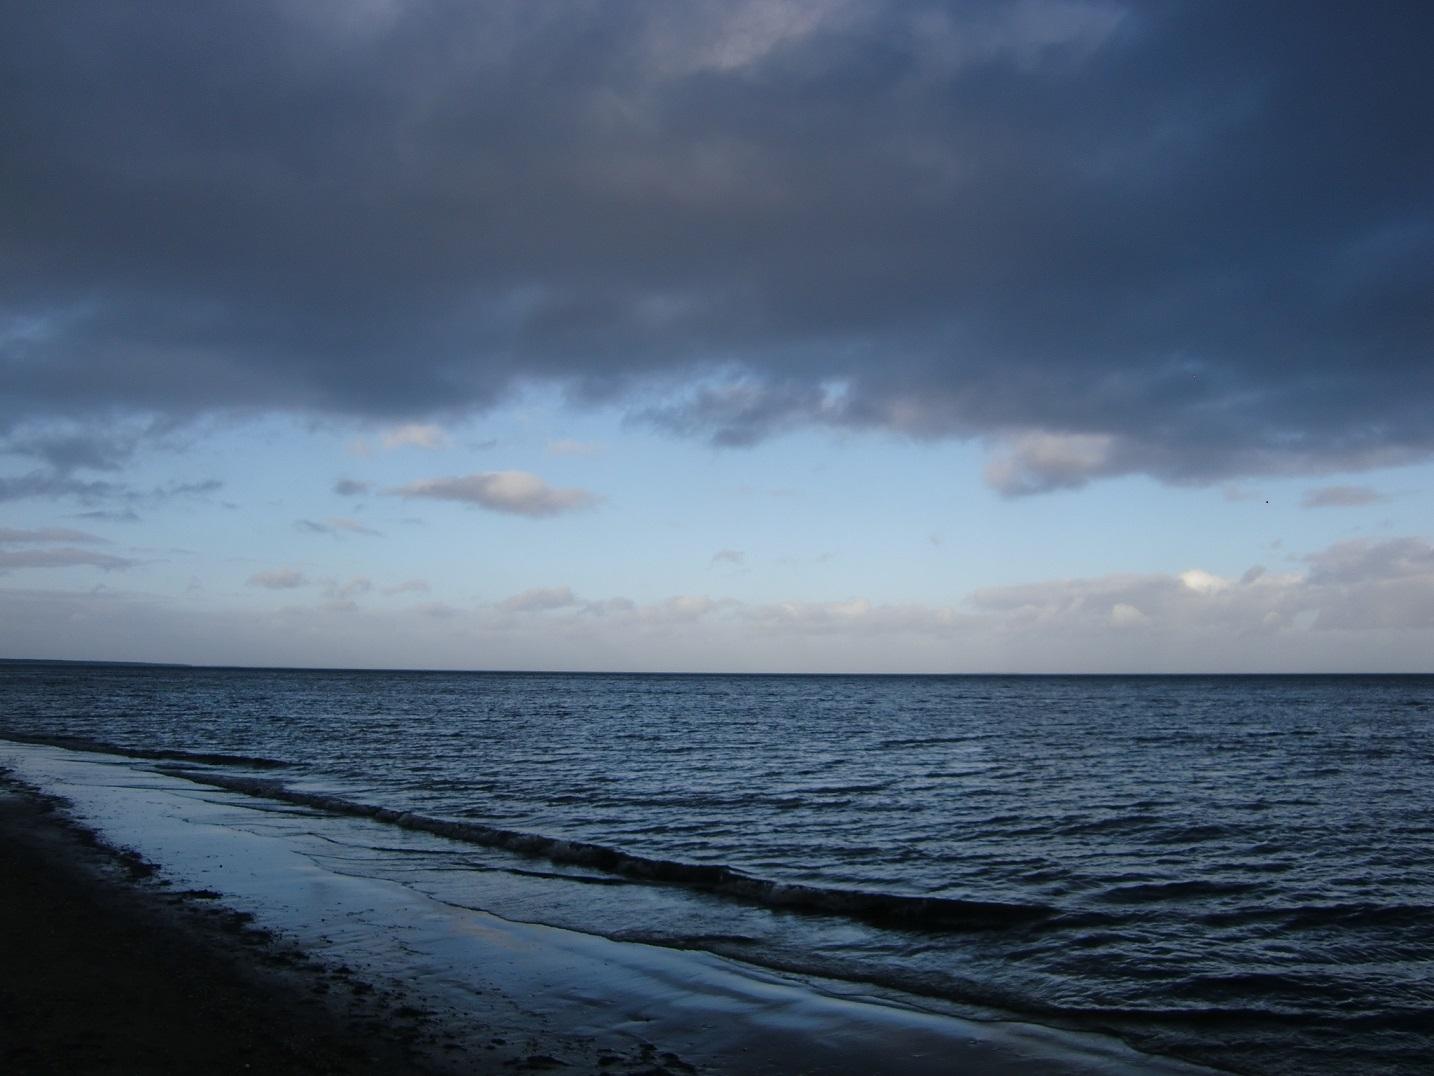 Die Ostsee im Winter: Man blickt auf Meer unter einem woklenverhangenen Himmerl. Alles in in Blau getaucht. Foto: Katrin Walter